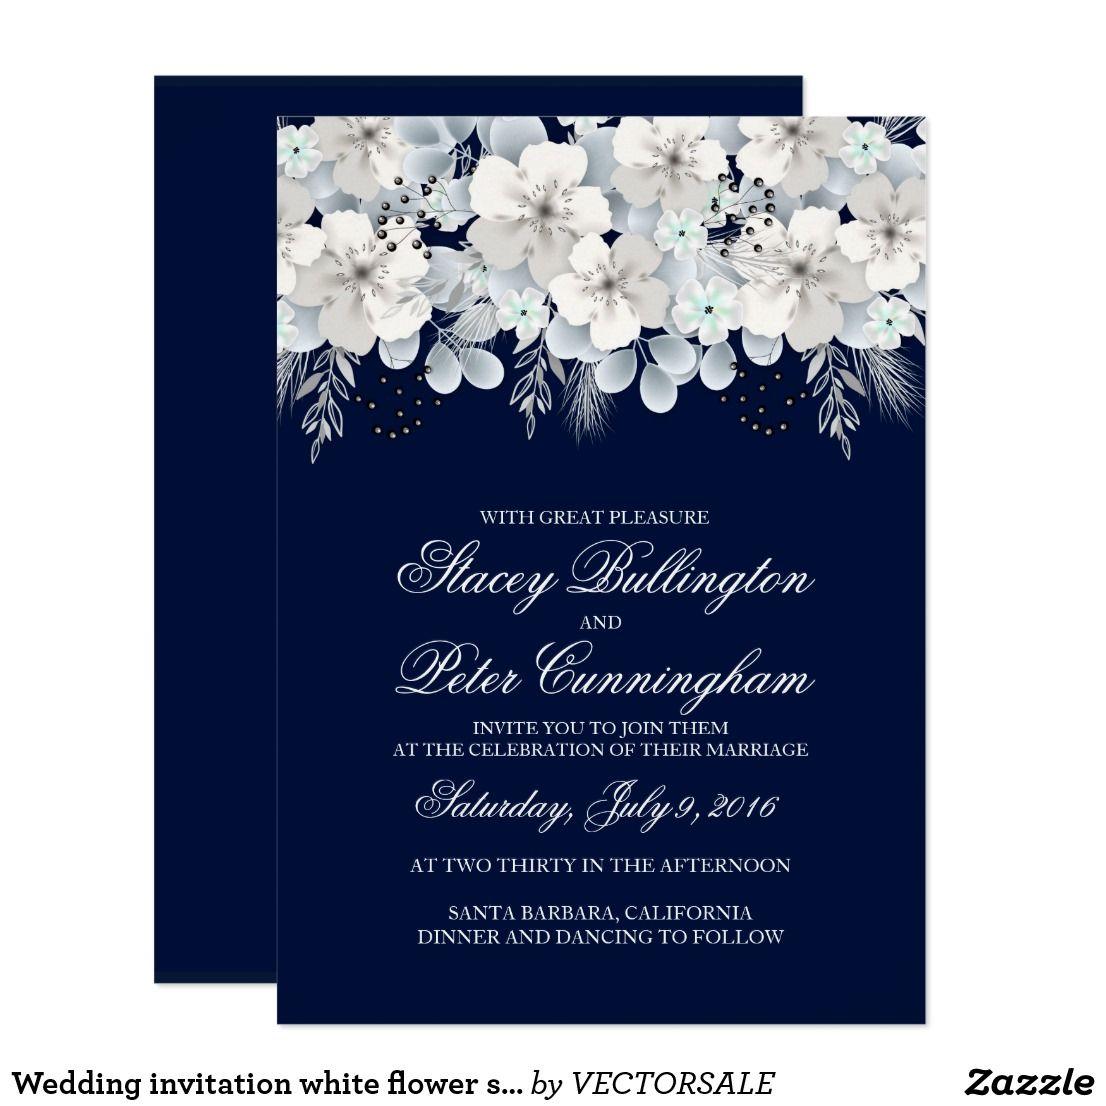 Wedding Invitation White Flower Sakura Navy Blue Zazzle Com Wedding Invitations Zazzle Wedding Invitations Invitations White